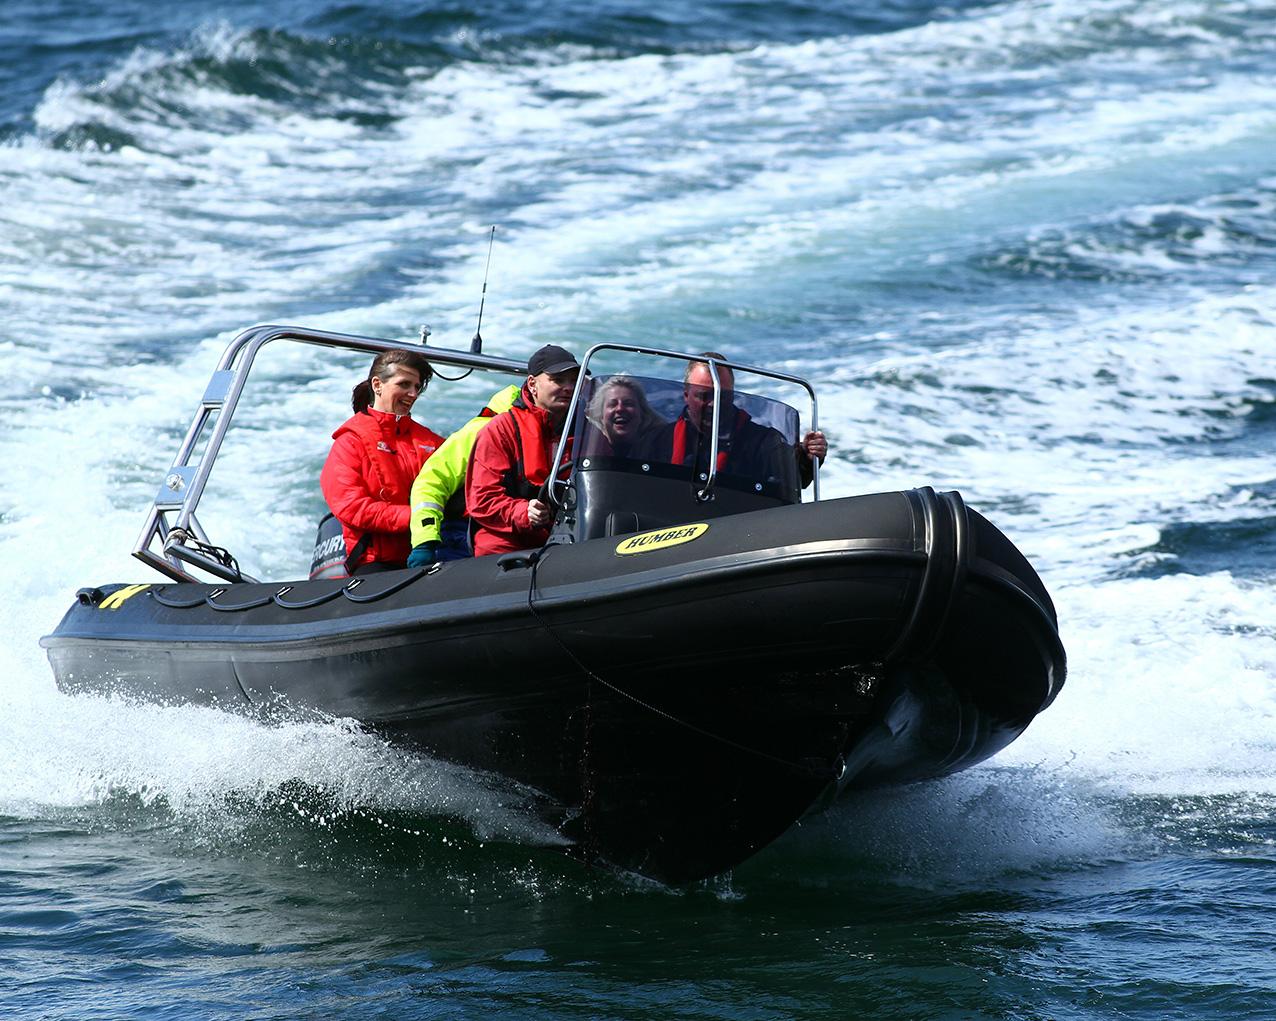 A fast motor rib at sea